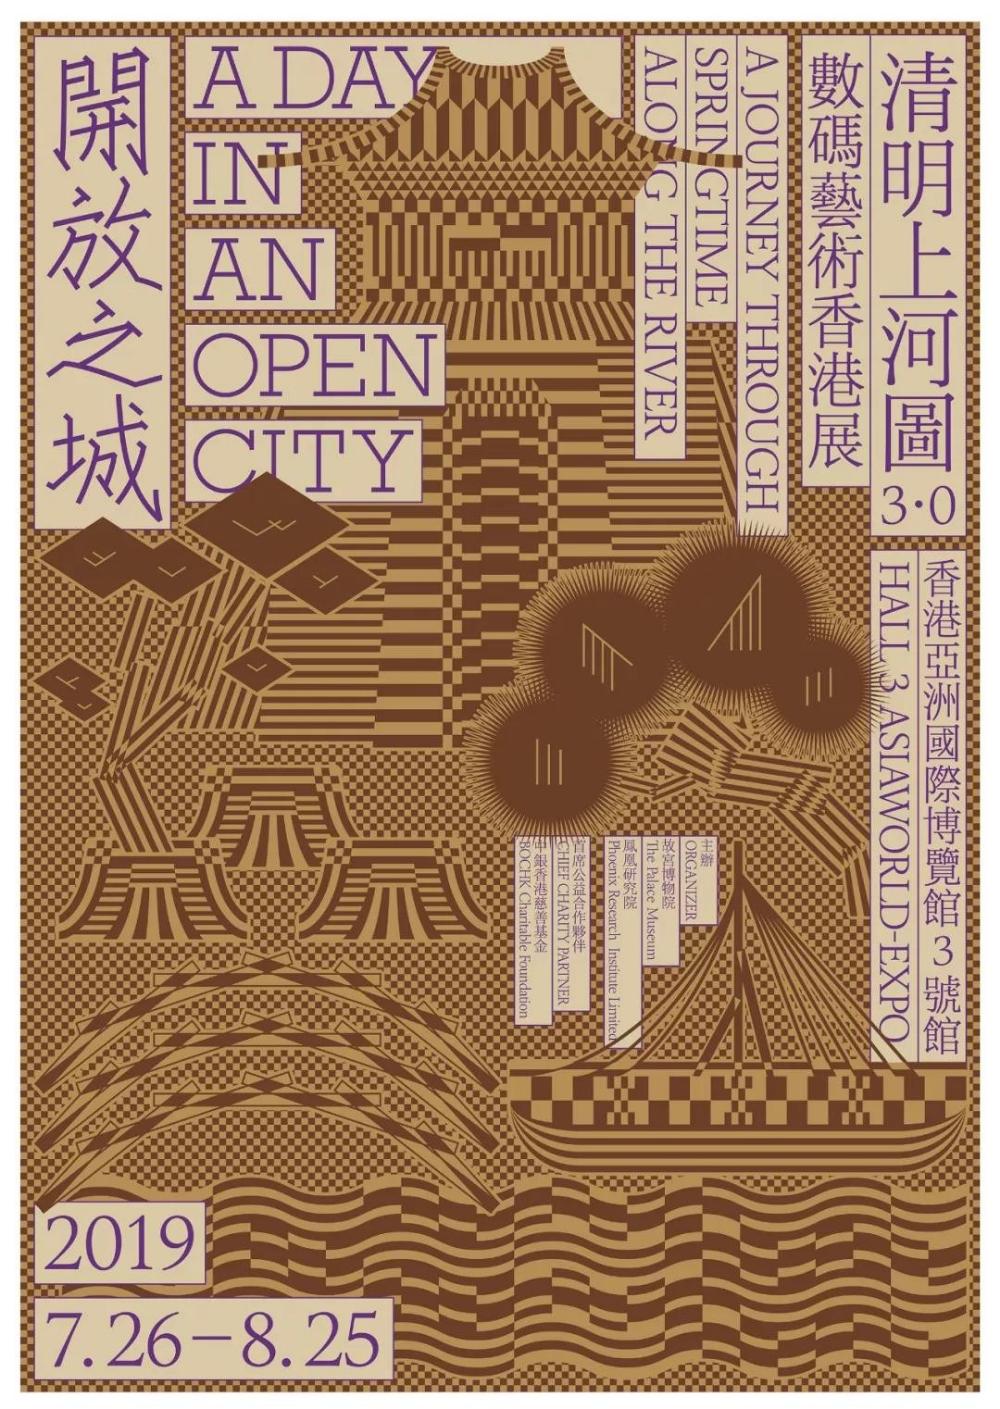 《清明上河圖3.0》數碼藝術香港展 - AD518.com - 最設計   Poster design. Typography poster design. Graphic poster